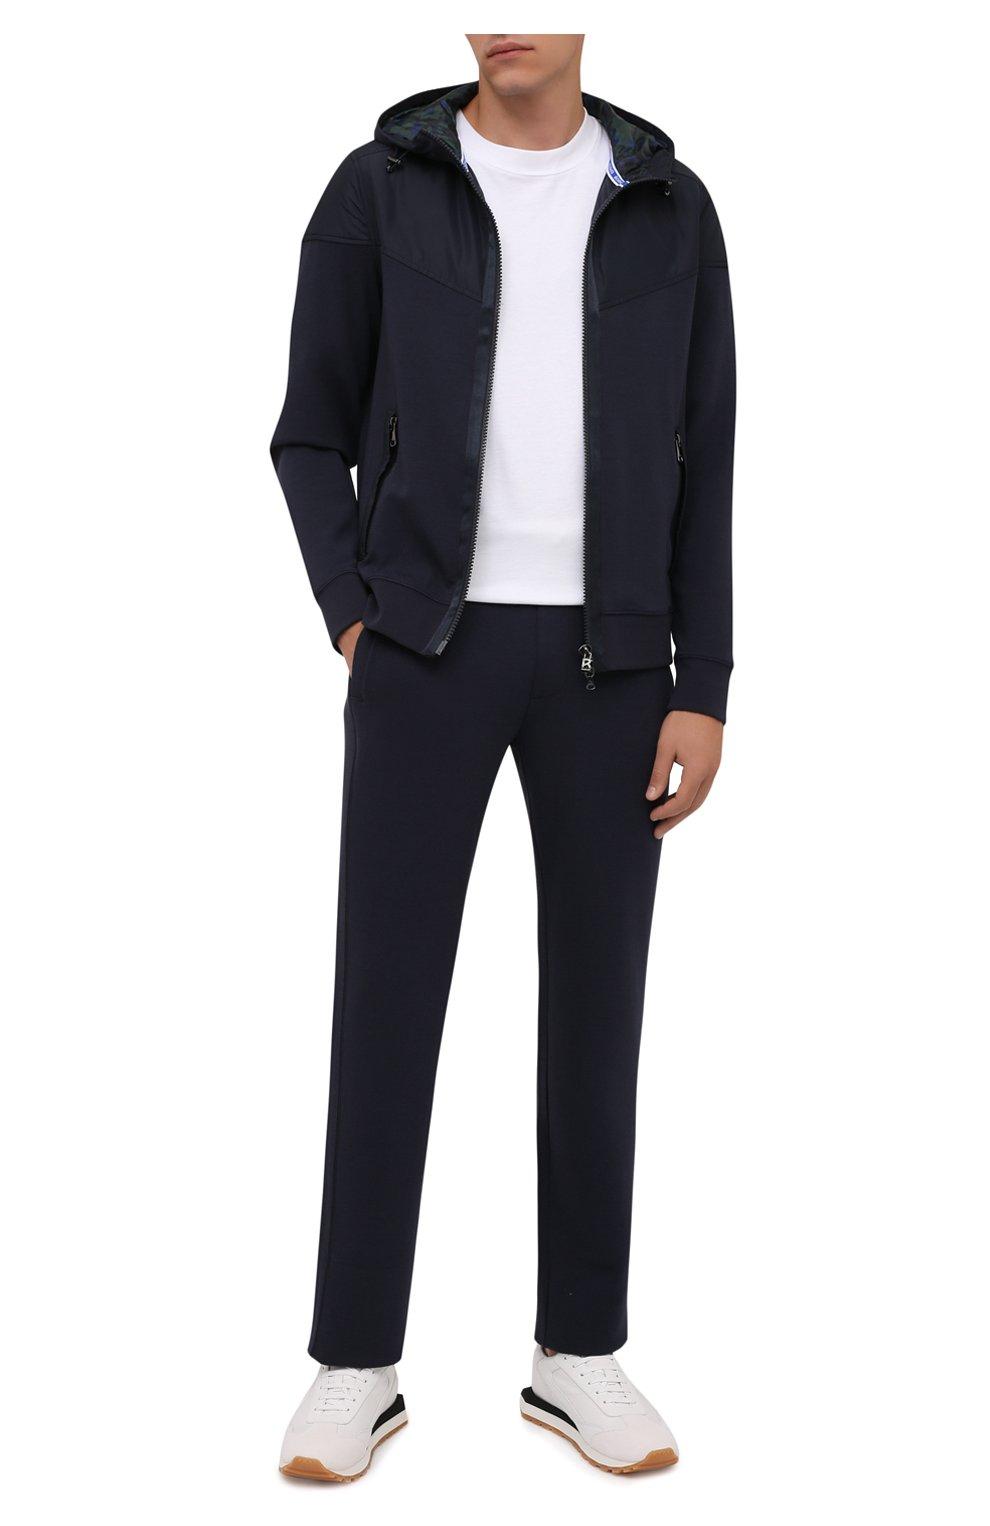 Мужские брюки BOGNER темно-синего цвета, арт. 18755253   Фото 2 (Мужское Кросс-КТ: Брюки-трикотаж; Длина (брюки, джинсы): Стандартные; Случай: Повседневный; Кросс-КТ: Спорт; Материал внешний: Синтетический материал, Хлопок; Стили: Спорт-шик, Кэжуэл)